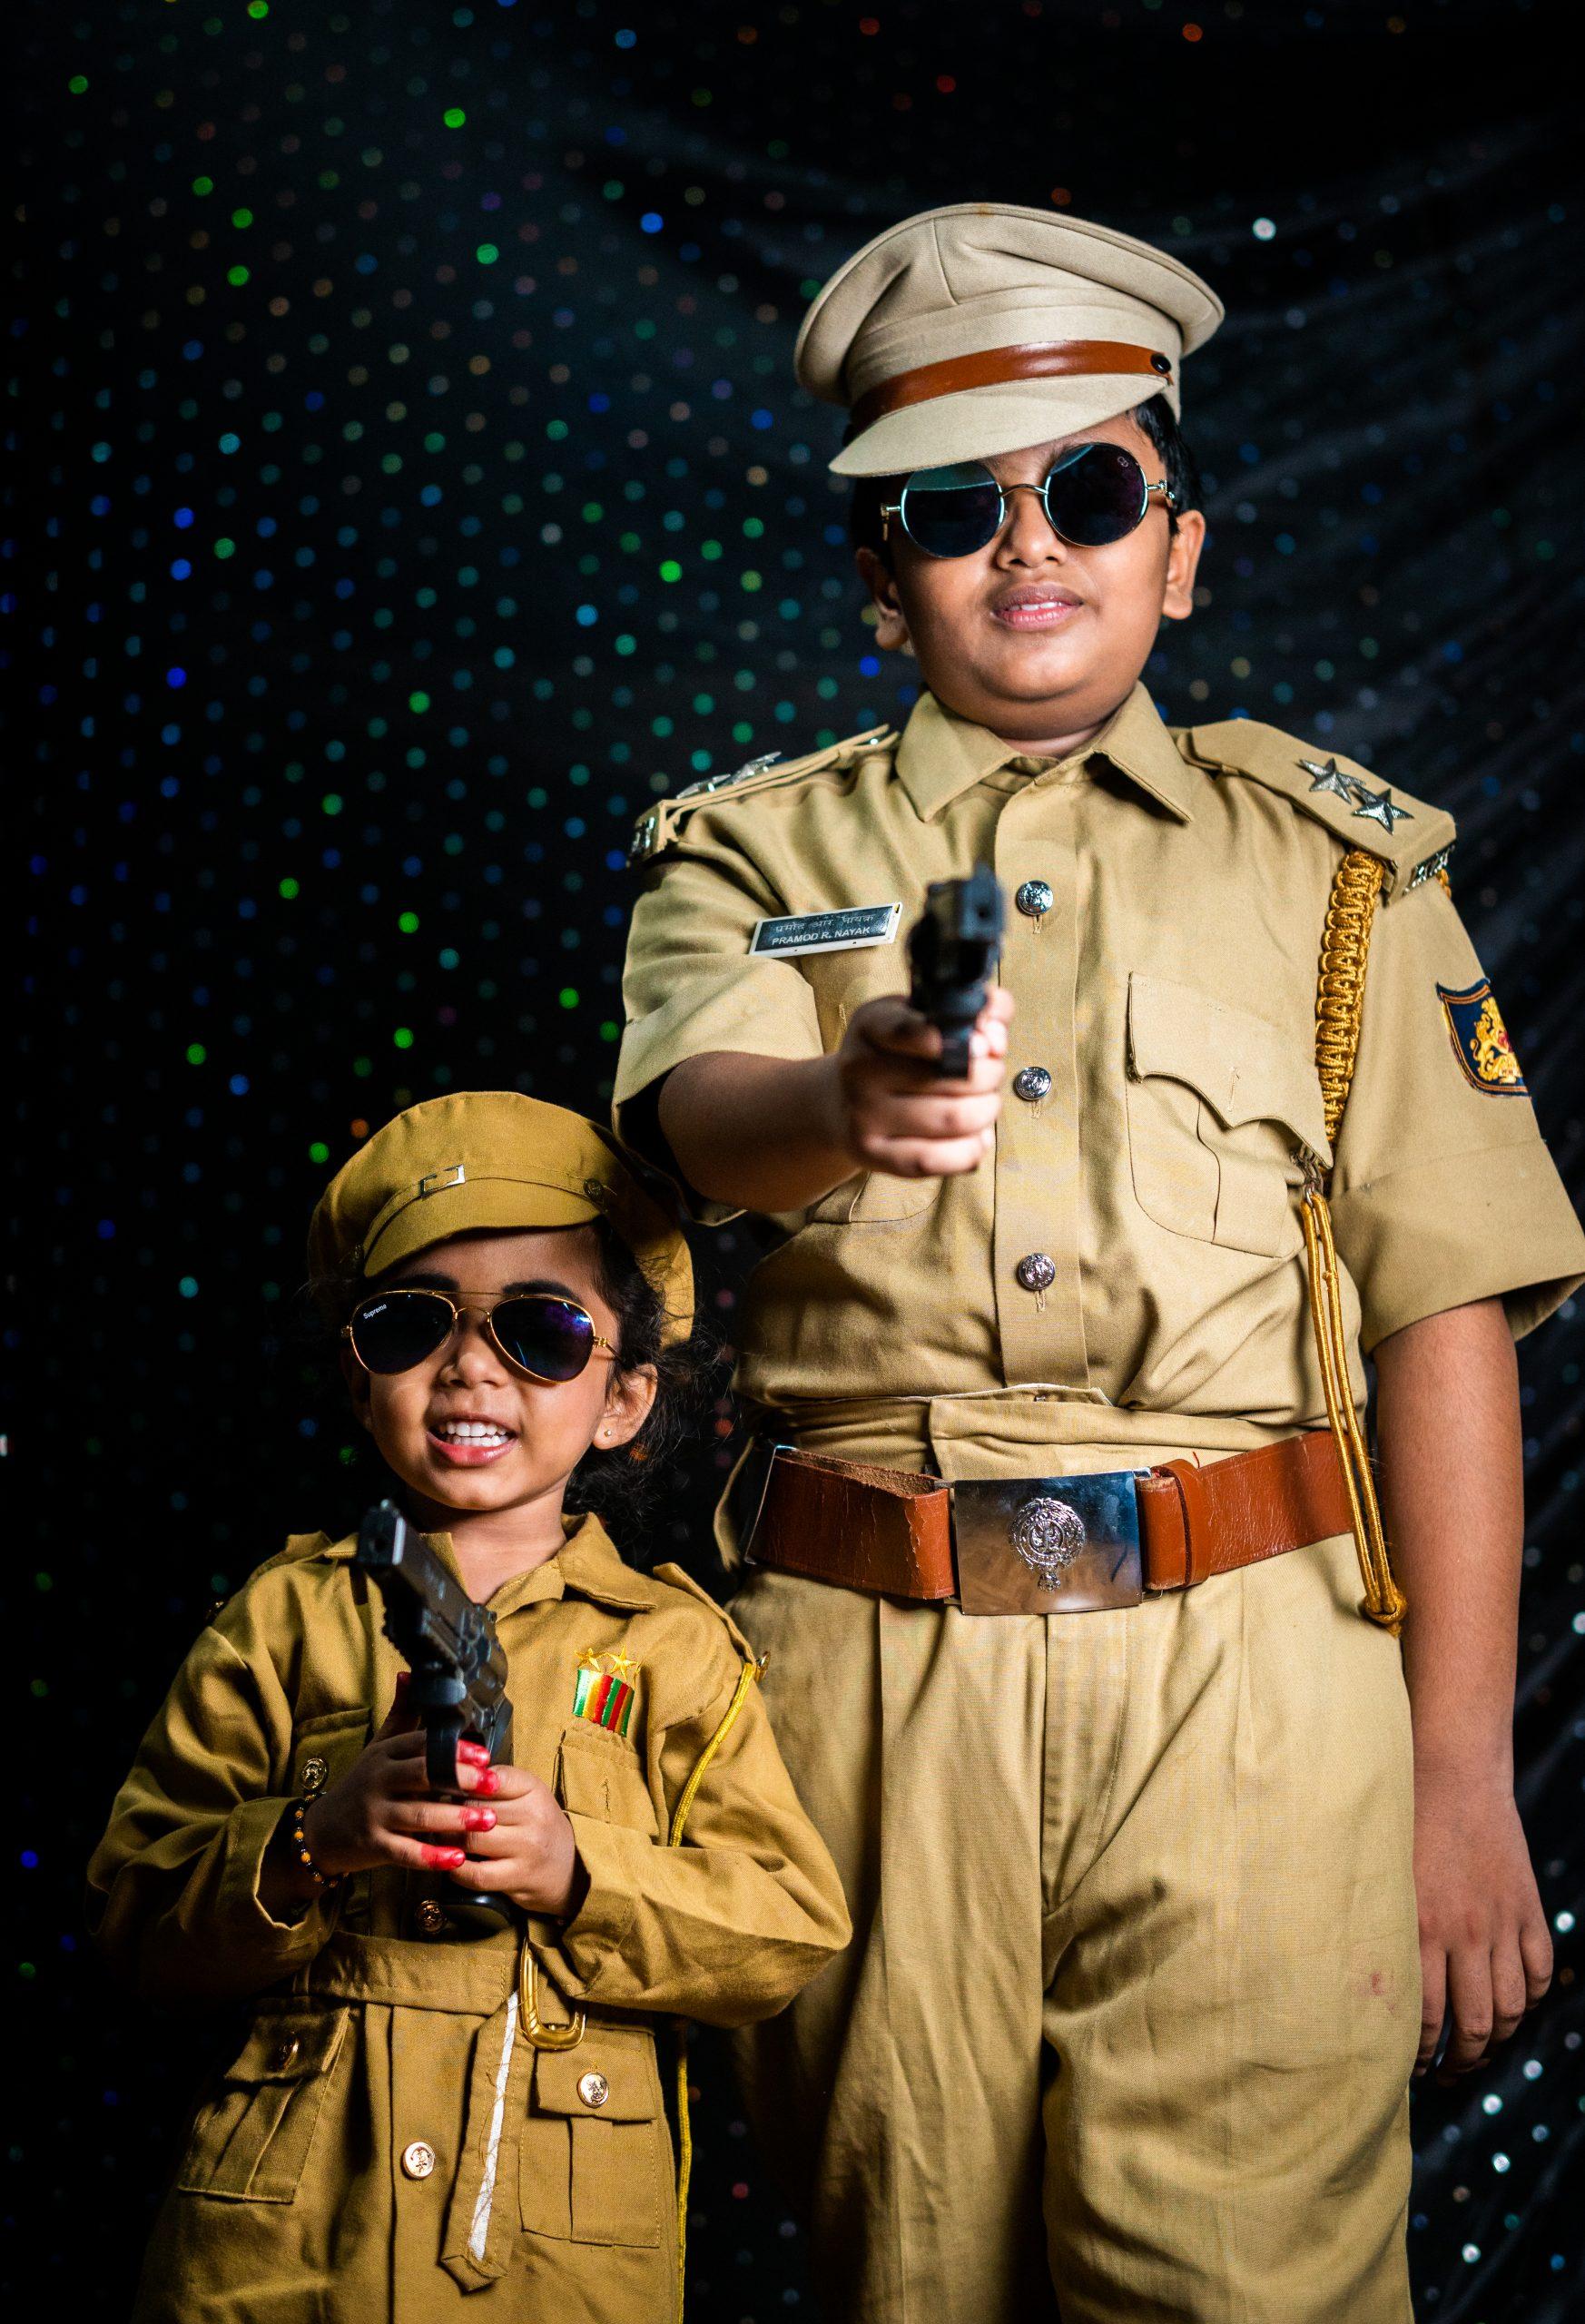 Kids in police makeover